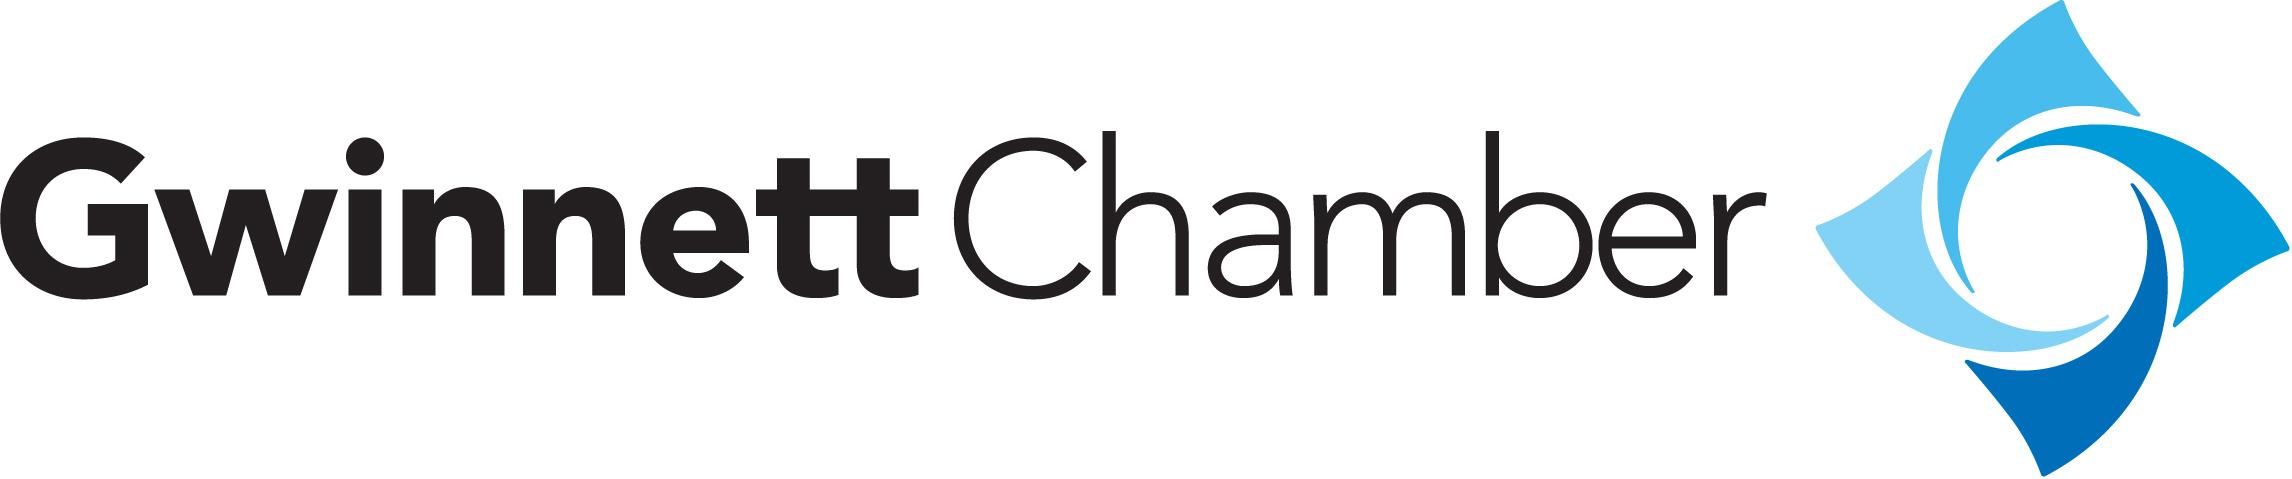 Gwinnett-Chamber-logo1